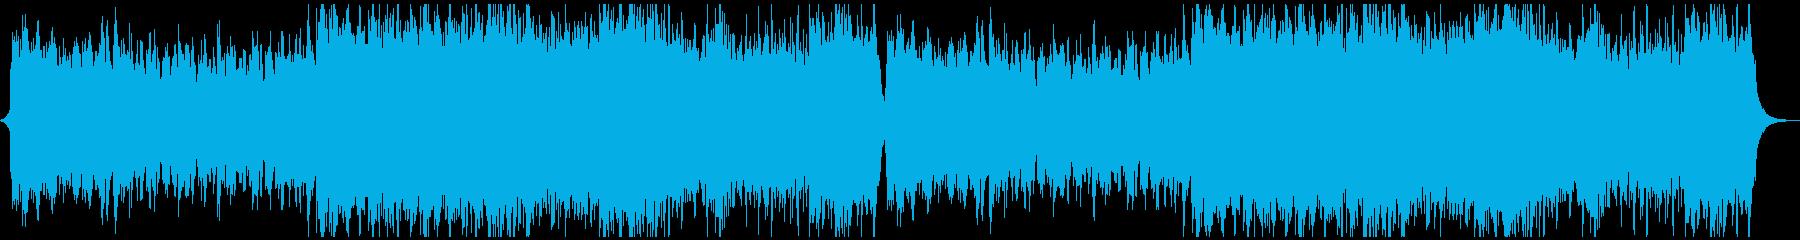 中世の壮大なオーケストラの再生済みの波形